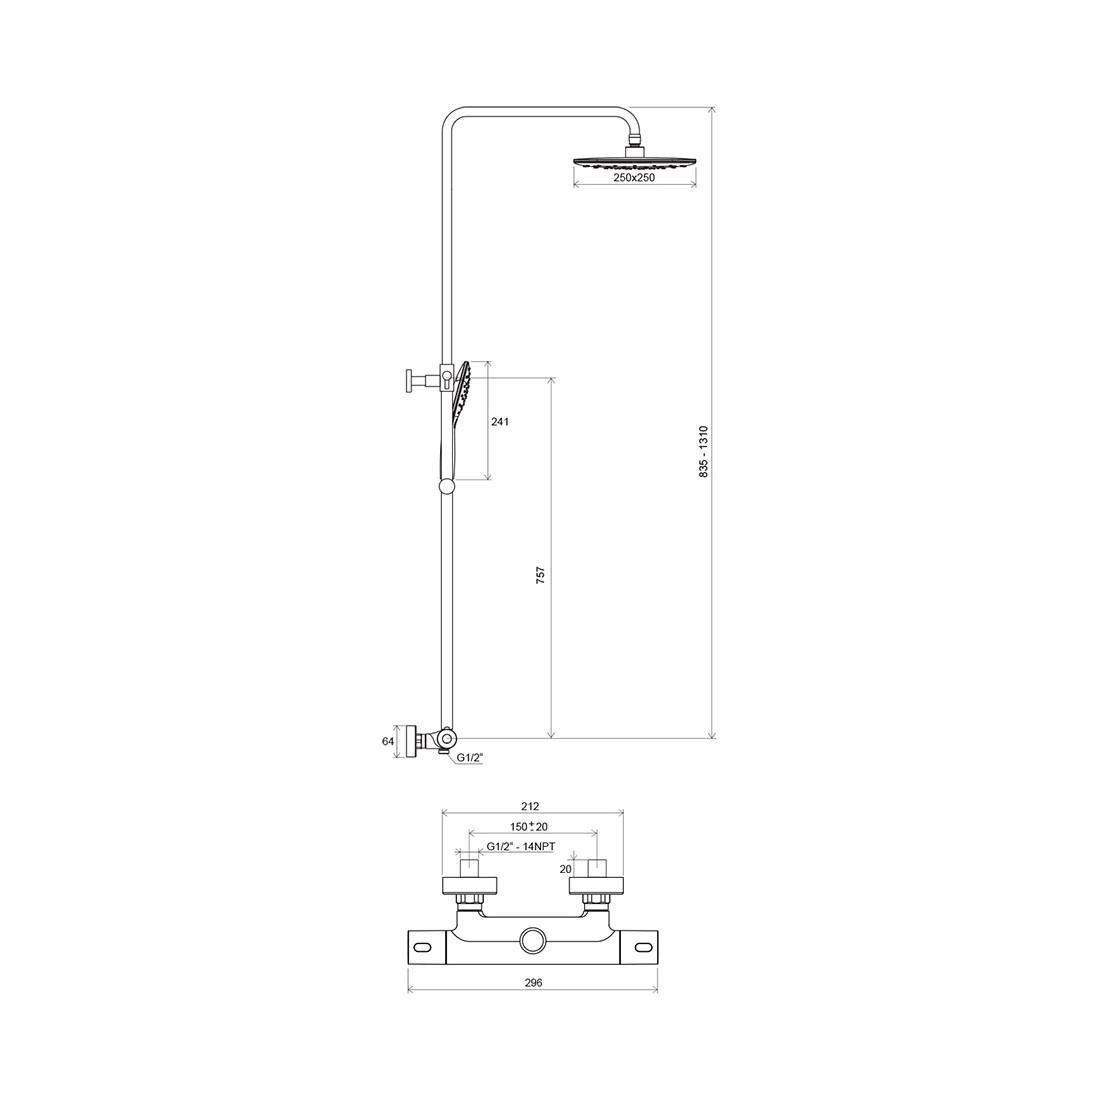 Stacionari dušo sistema Ravak Termo 300, TE 093.00/150, su termostatiniu dušo maišytuvu